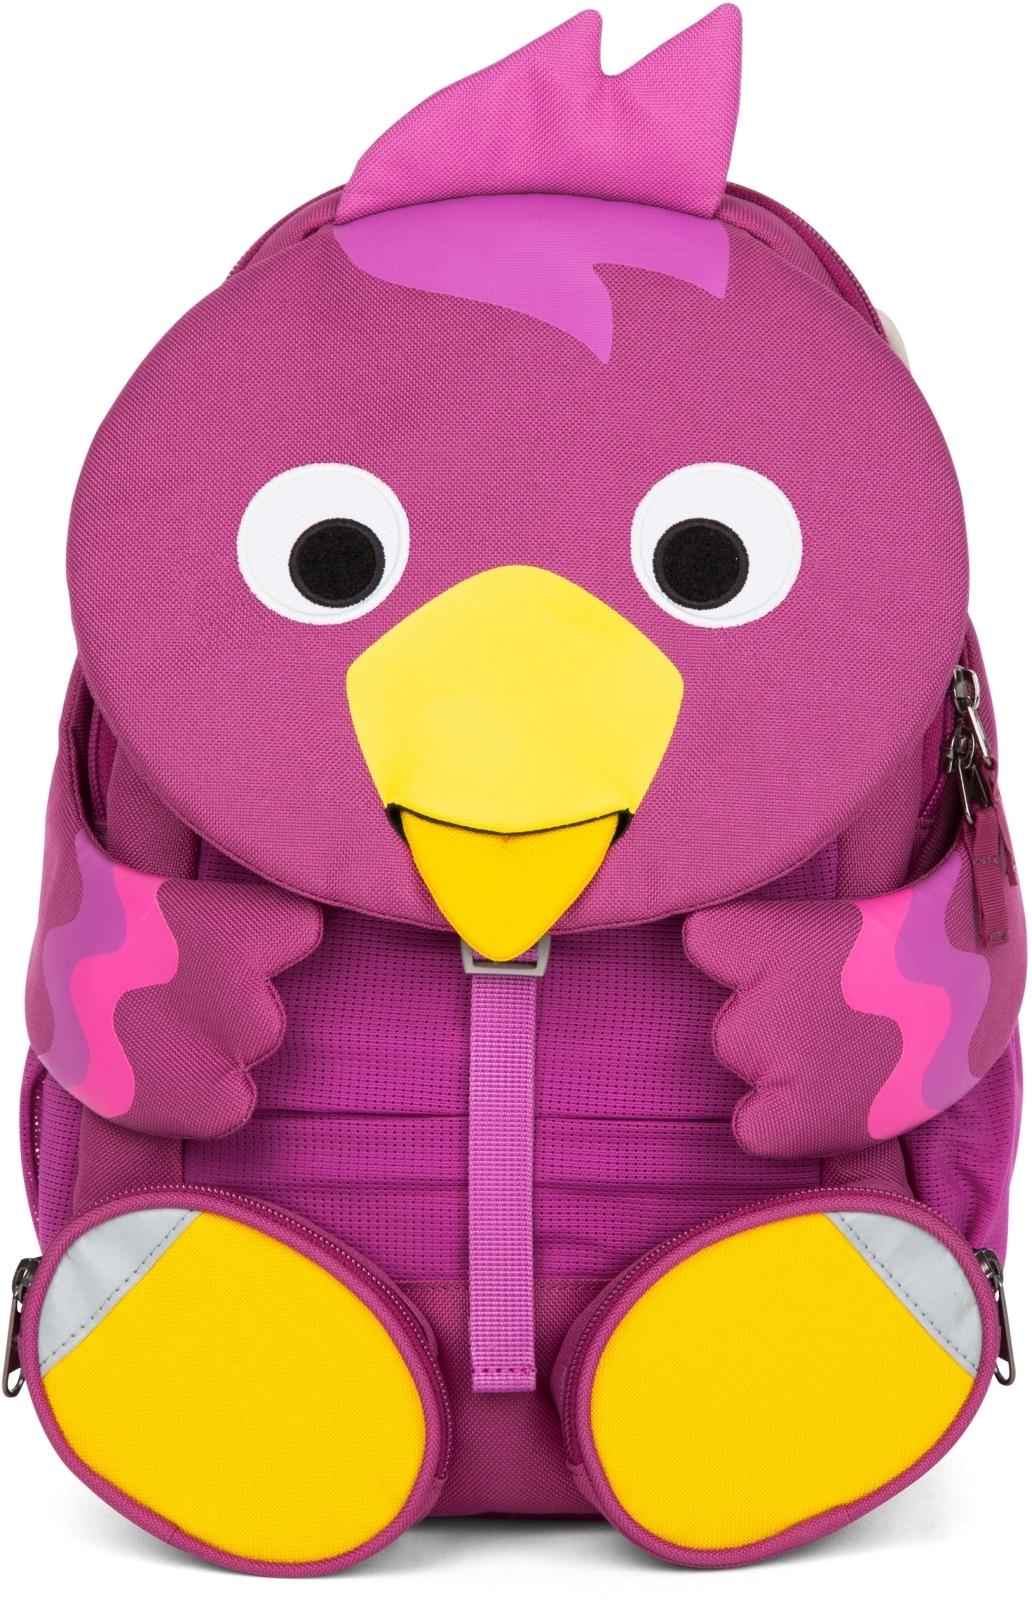 17930c80ac6 Dětský batoh do školky Affenzahn Bibi Bird large - purple - Skibi Kids